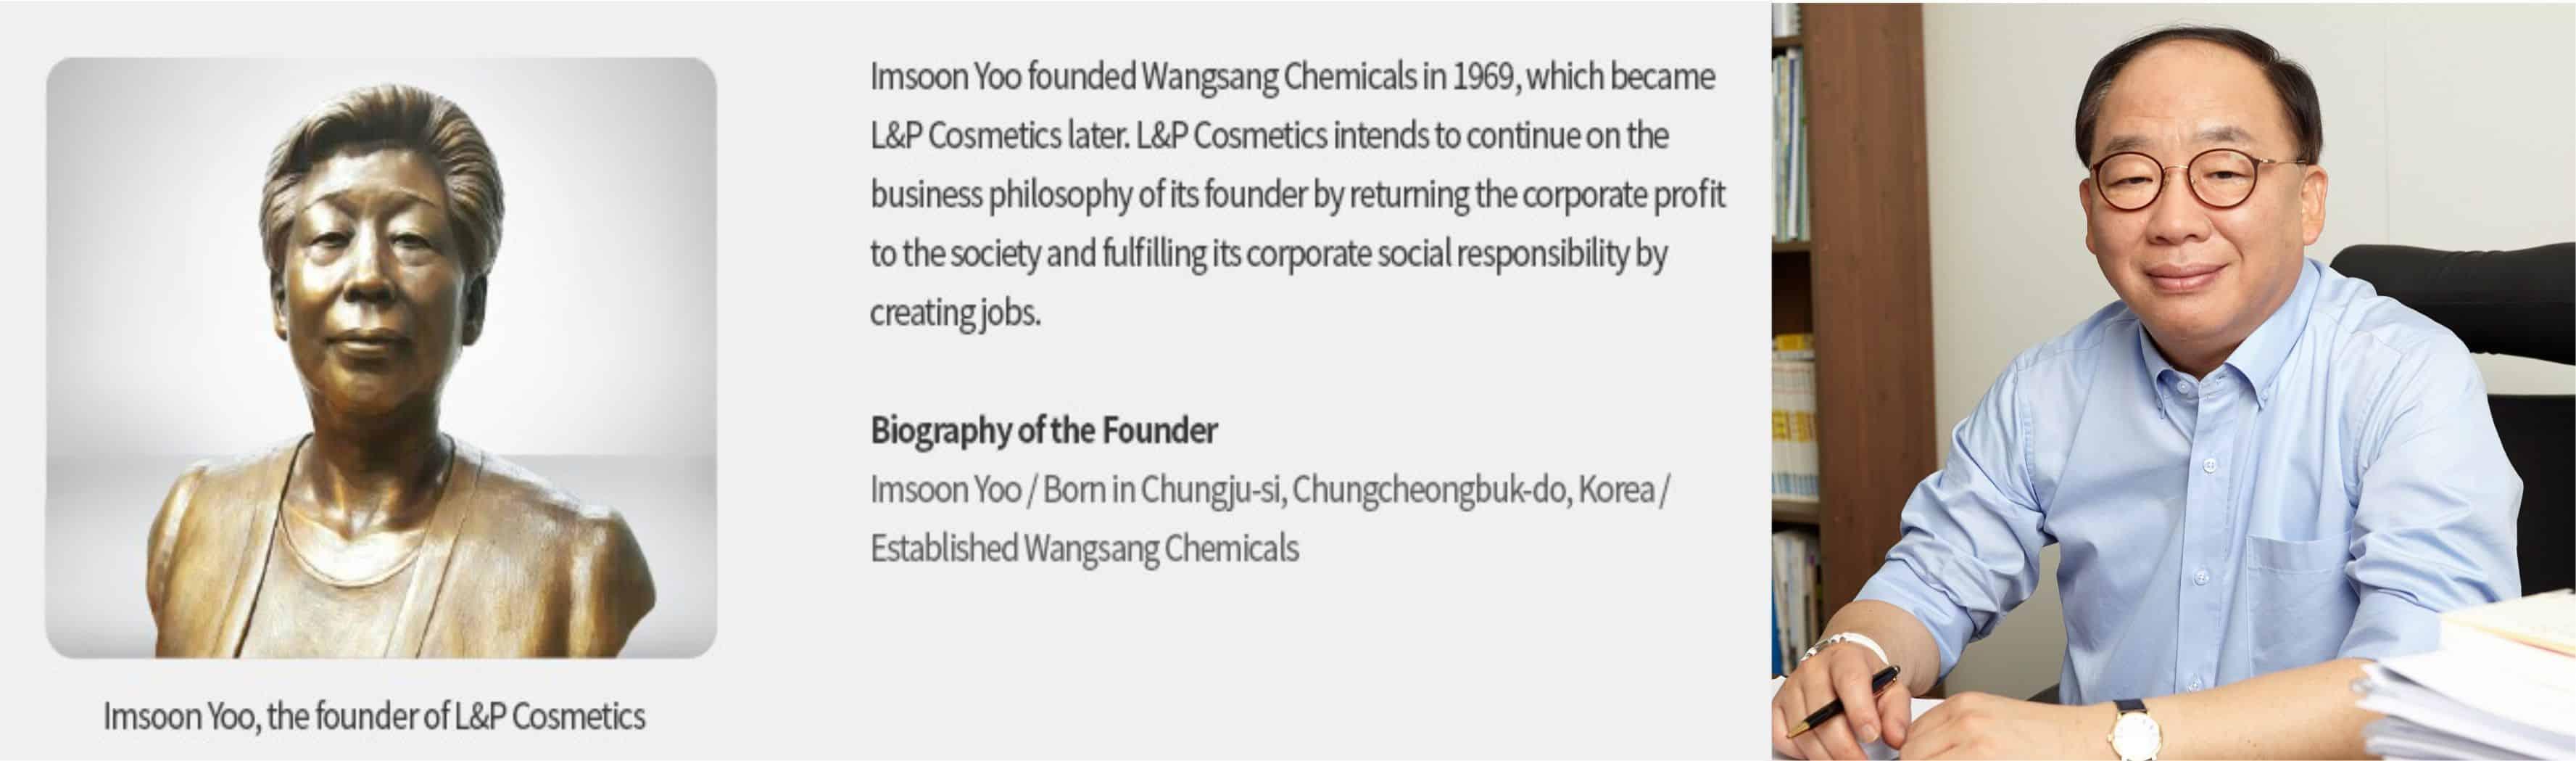 Tiền thân của L&P Cosmetics là Wangsang Chemicals được sáng lập bởi bà Imsoon Yoo sinh tại Chungju-si, Chungcheongbuk-do, Korea. Hiện tại con trai bà là ông Oh-Sub-Kwon đang là Chủ tịch kiêm Giám đốc Điều hành.